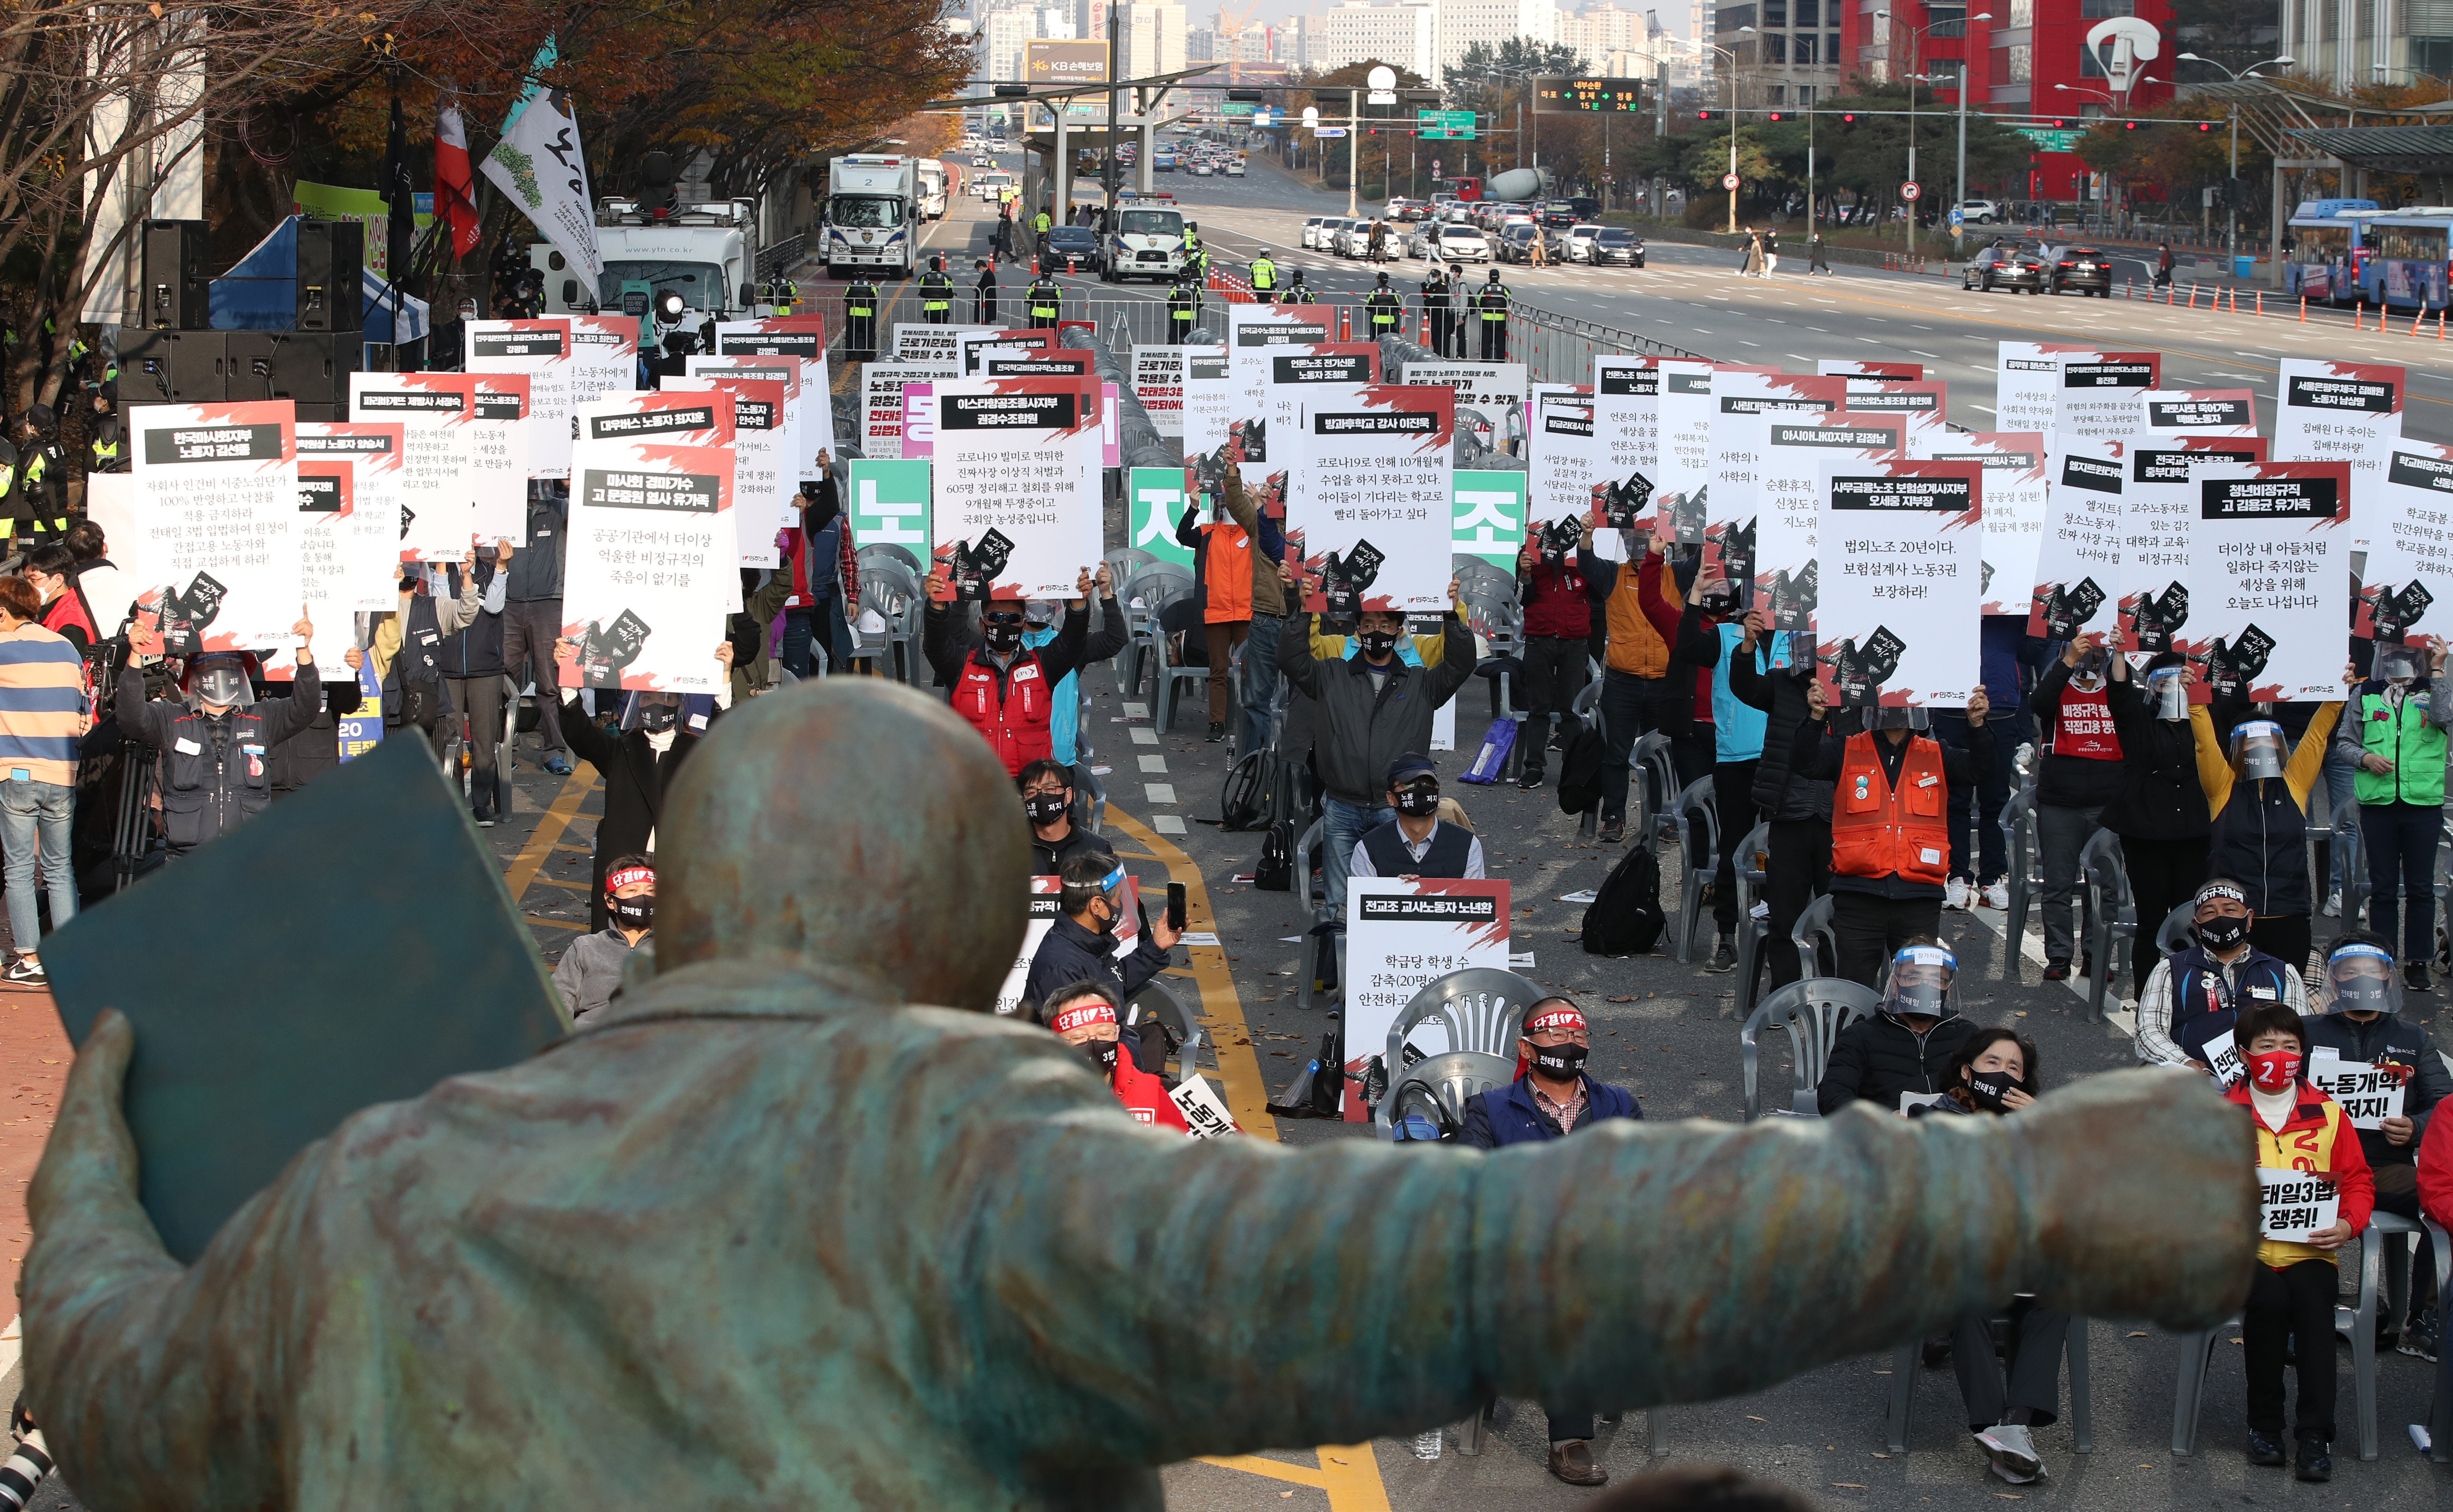 ▲▼南韓政府擔憂,工會於周末上街爭取勞權,可能加速疫情擴散。(圖/達志影像)